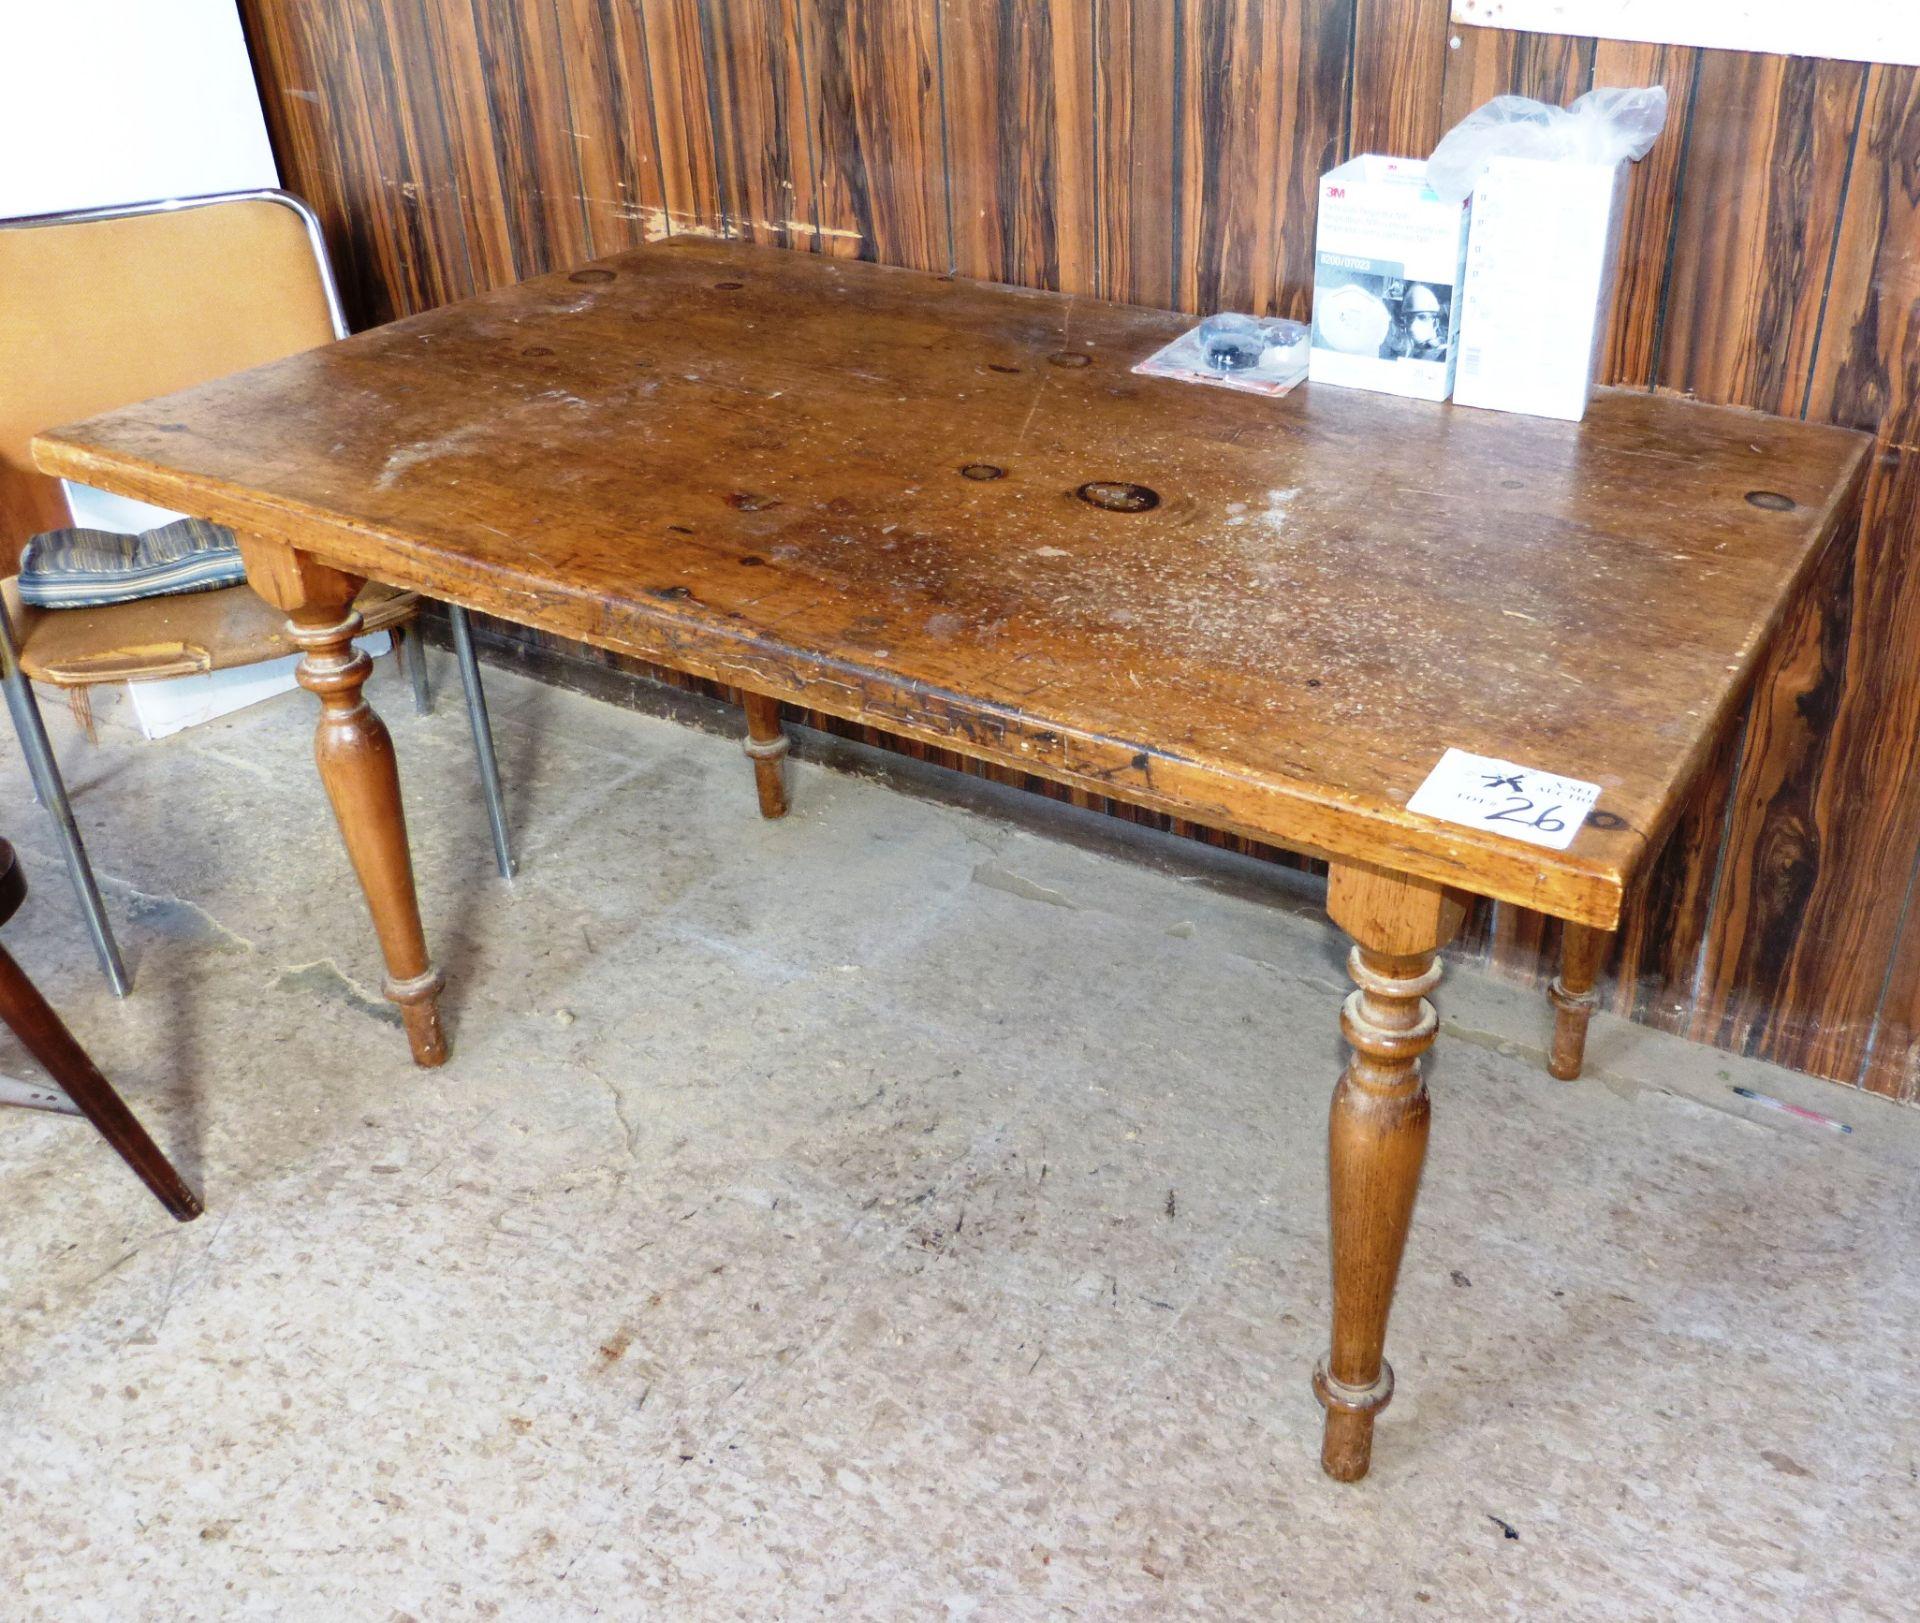 Lot 26 - Wood Harvest Table